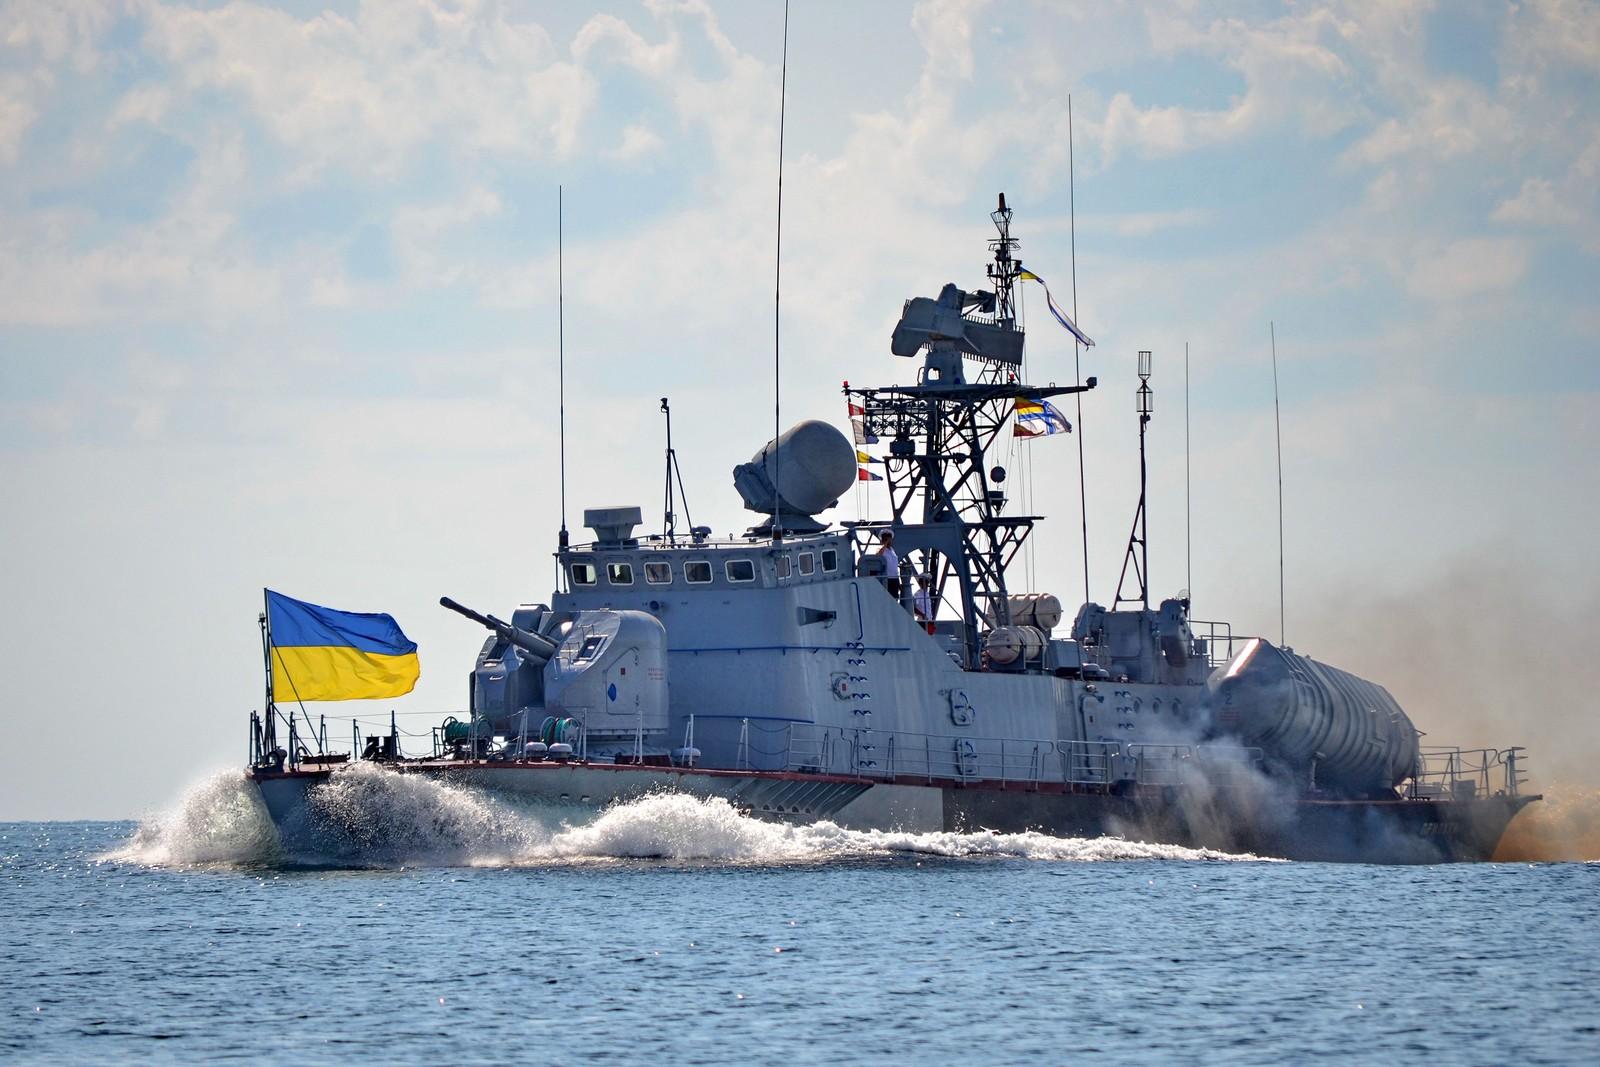 Российский эксперт признал, что корабли ВМС Украины не нарушали границ России: Москву загнали в тупик